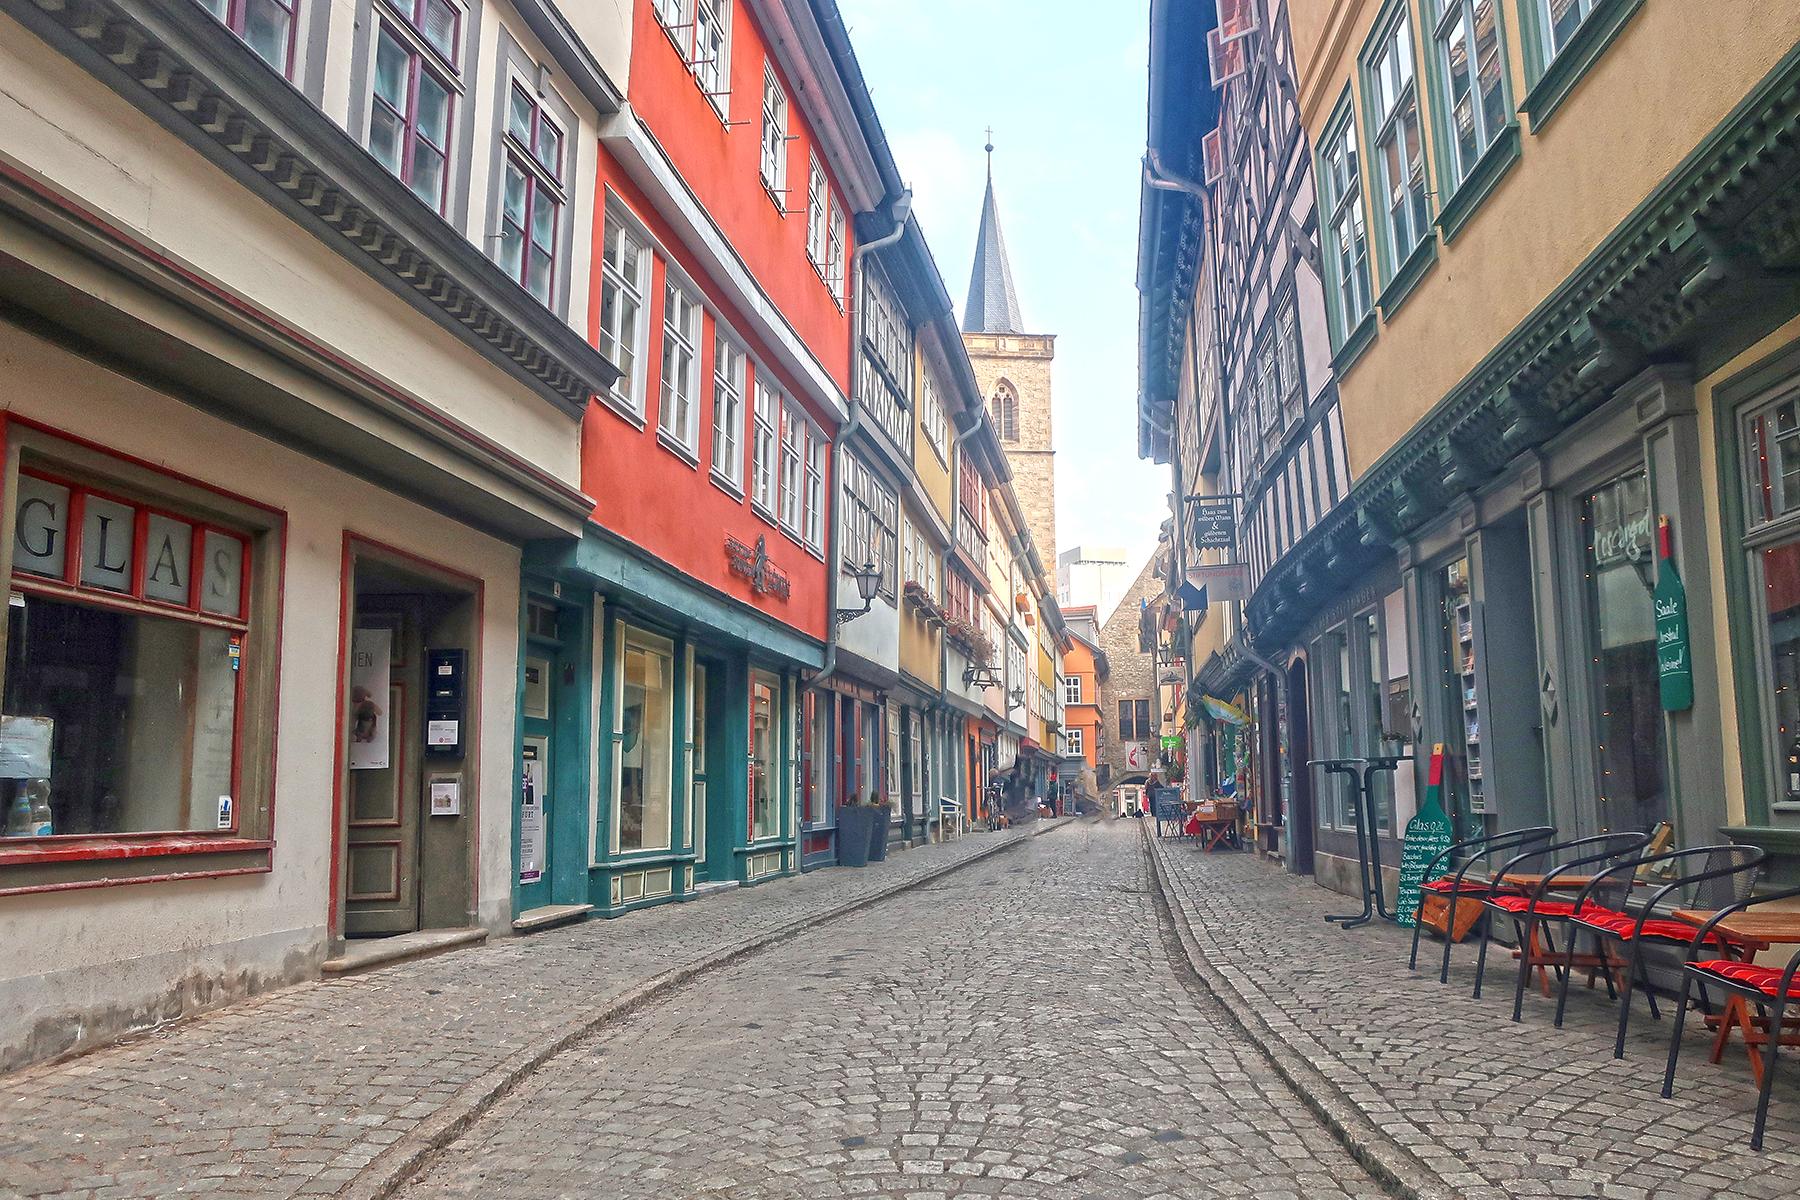 Krämerbrücke in Erfurt: 20 Travel-Facts & Tipps für die Krämerbrücke